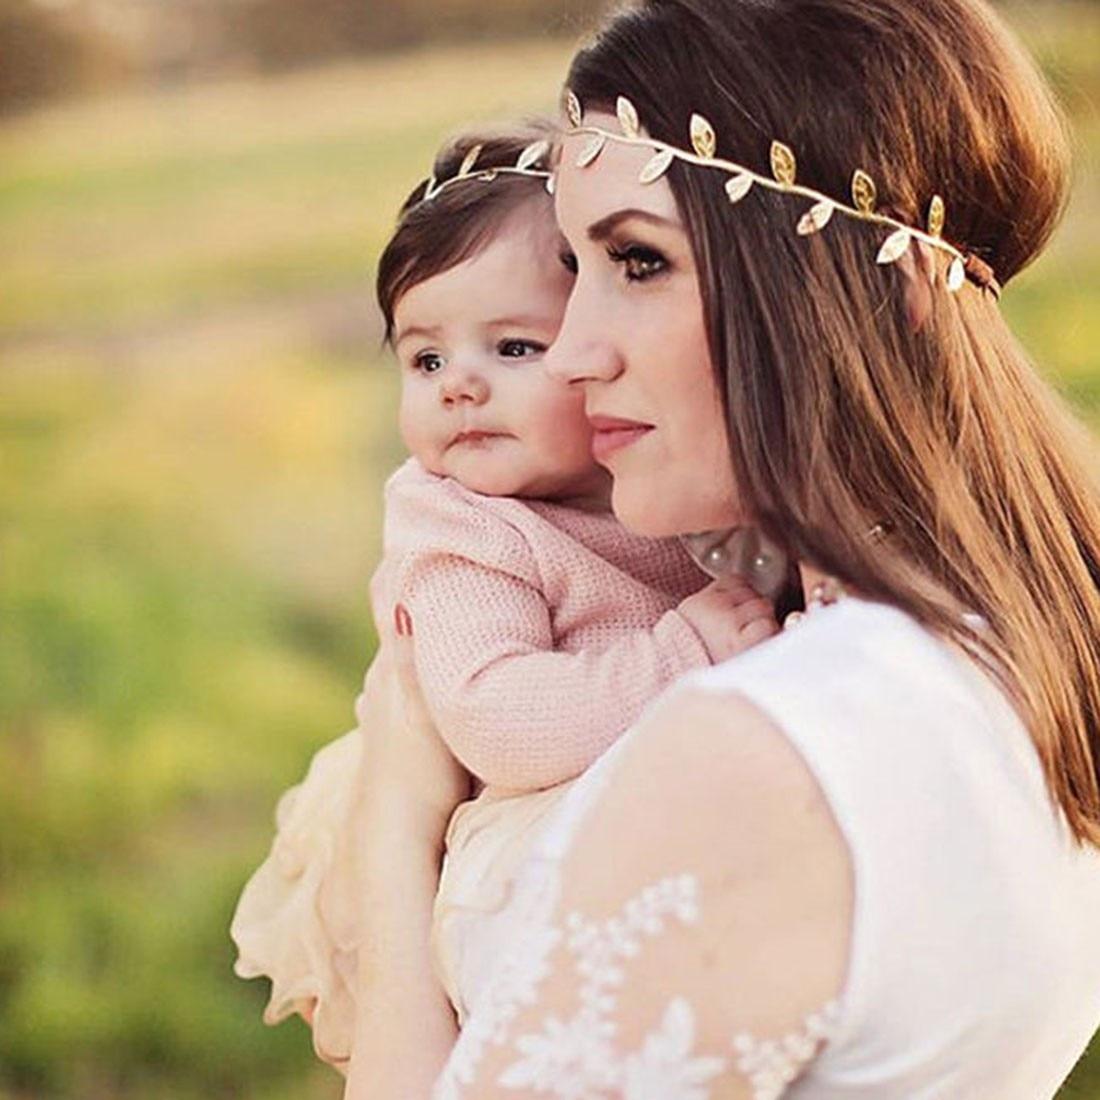 1 piezas nuevo oro hoja de plata conjunto de diadema para el pelo  accesorios rama de olivo chicas lindo deja diadema pelo para las mujeres  aro en Las ... b859d8d178cb